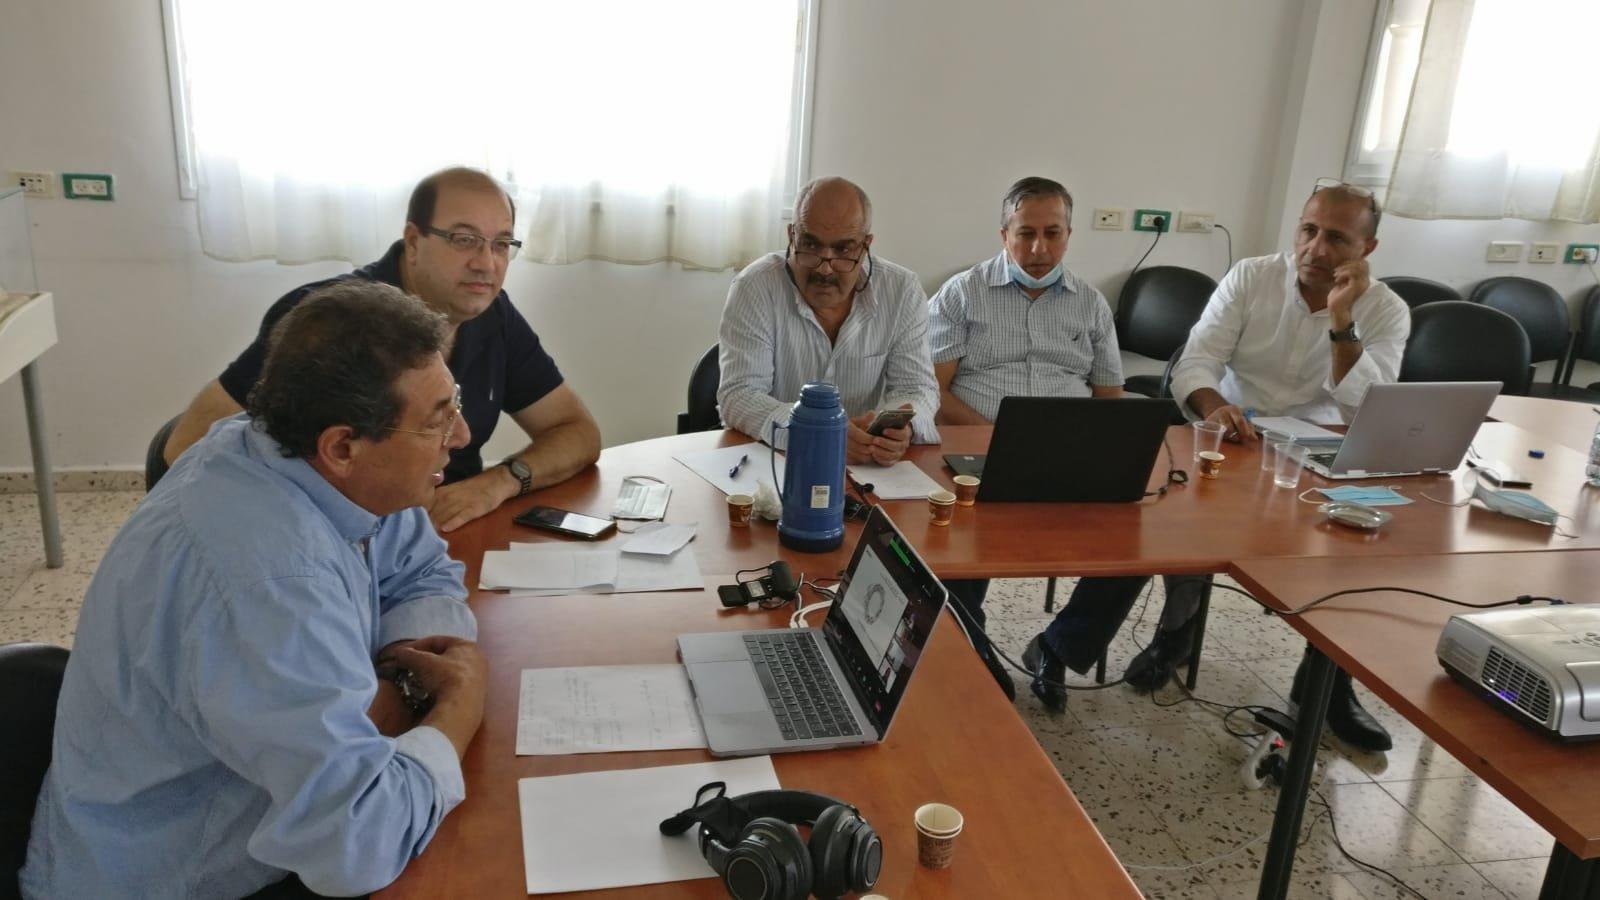 خطة خمسية لتطوير الهايتك والحداثة في المجتمع العربي-7